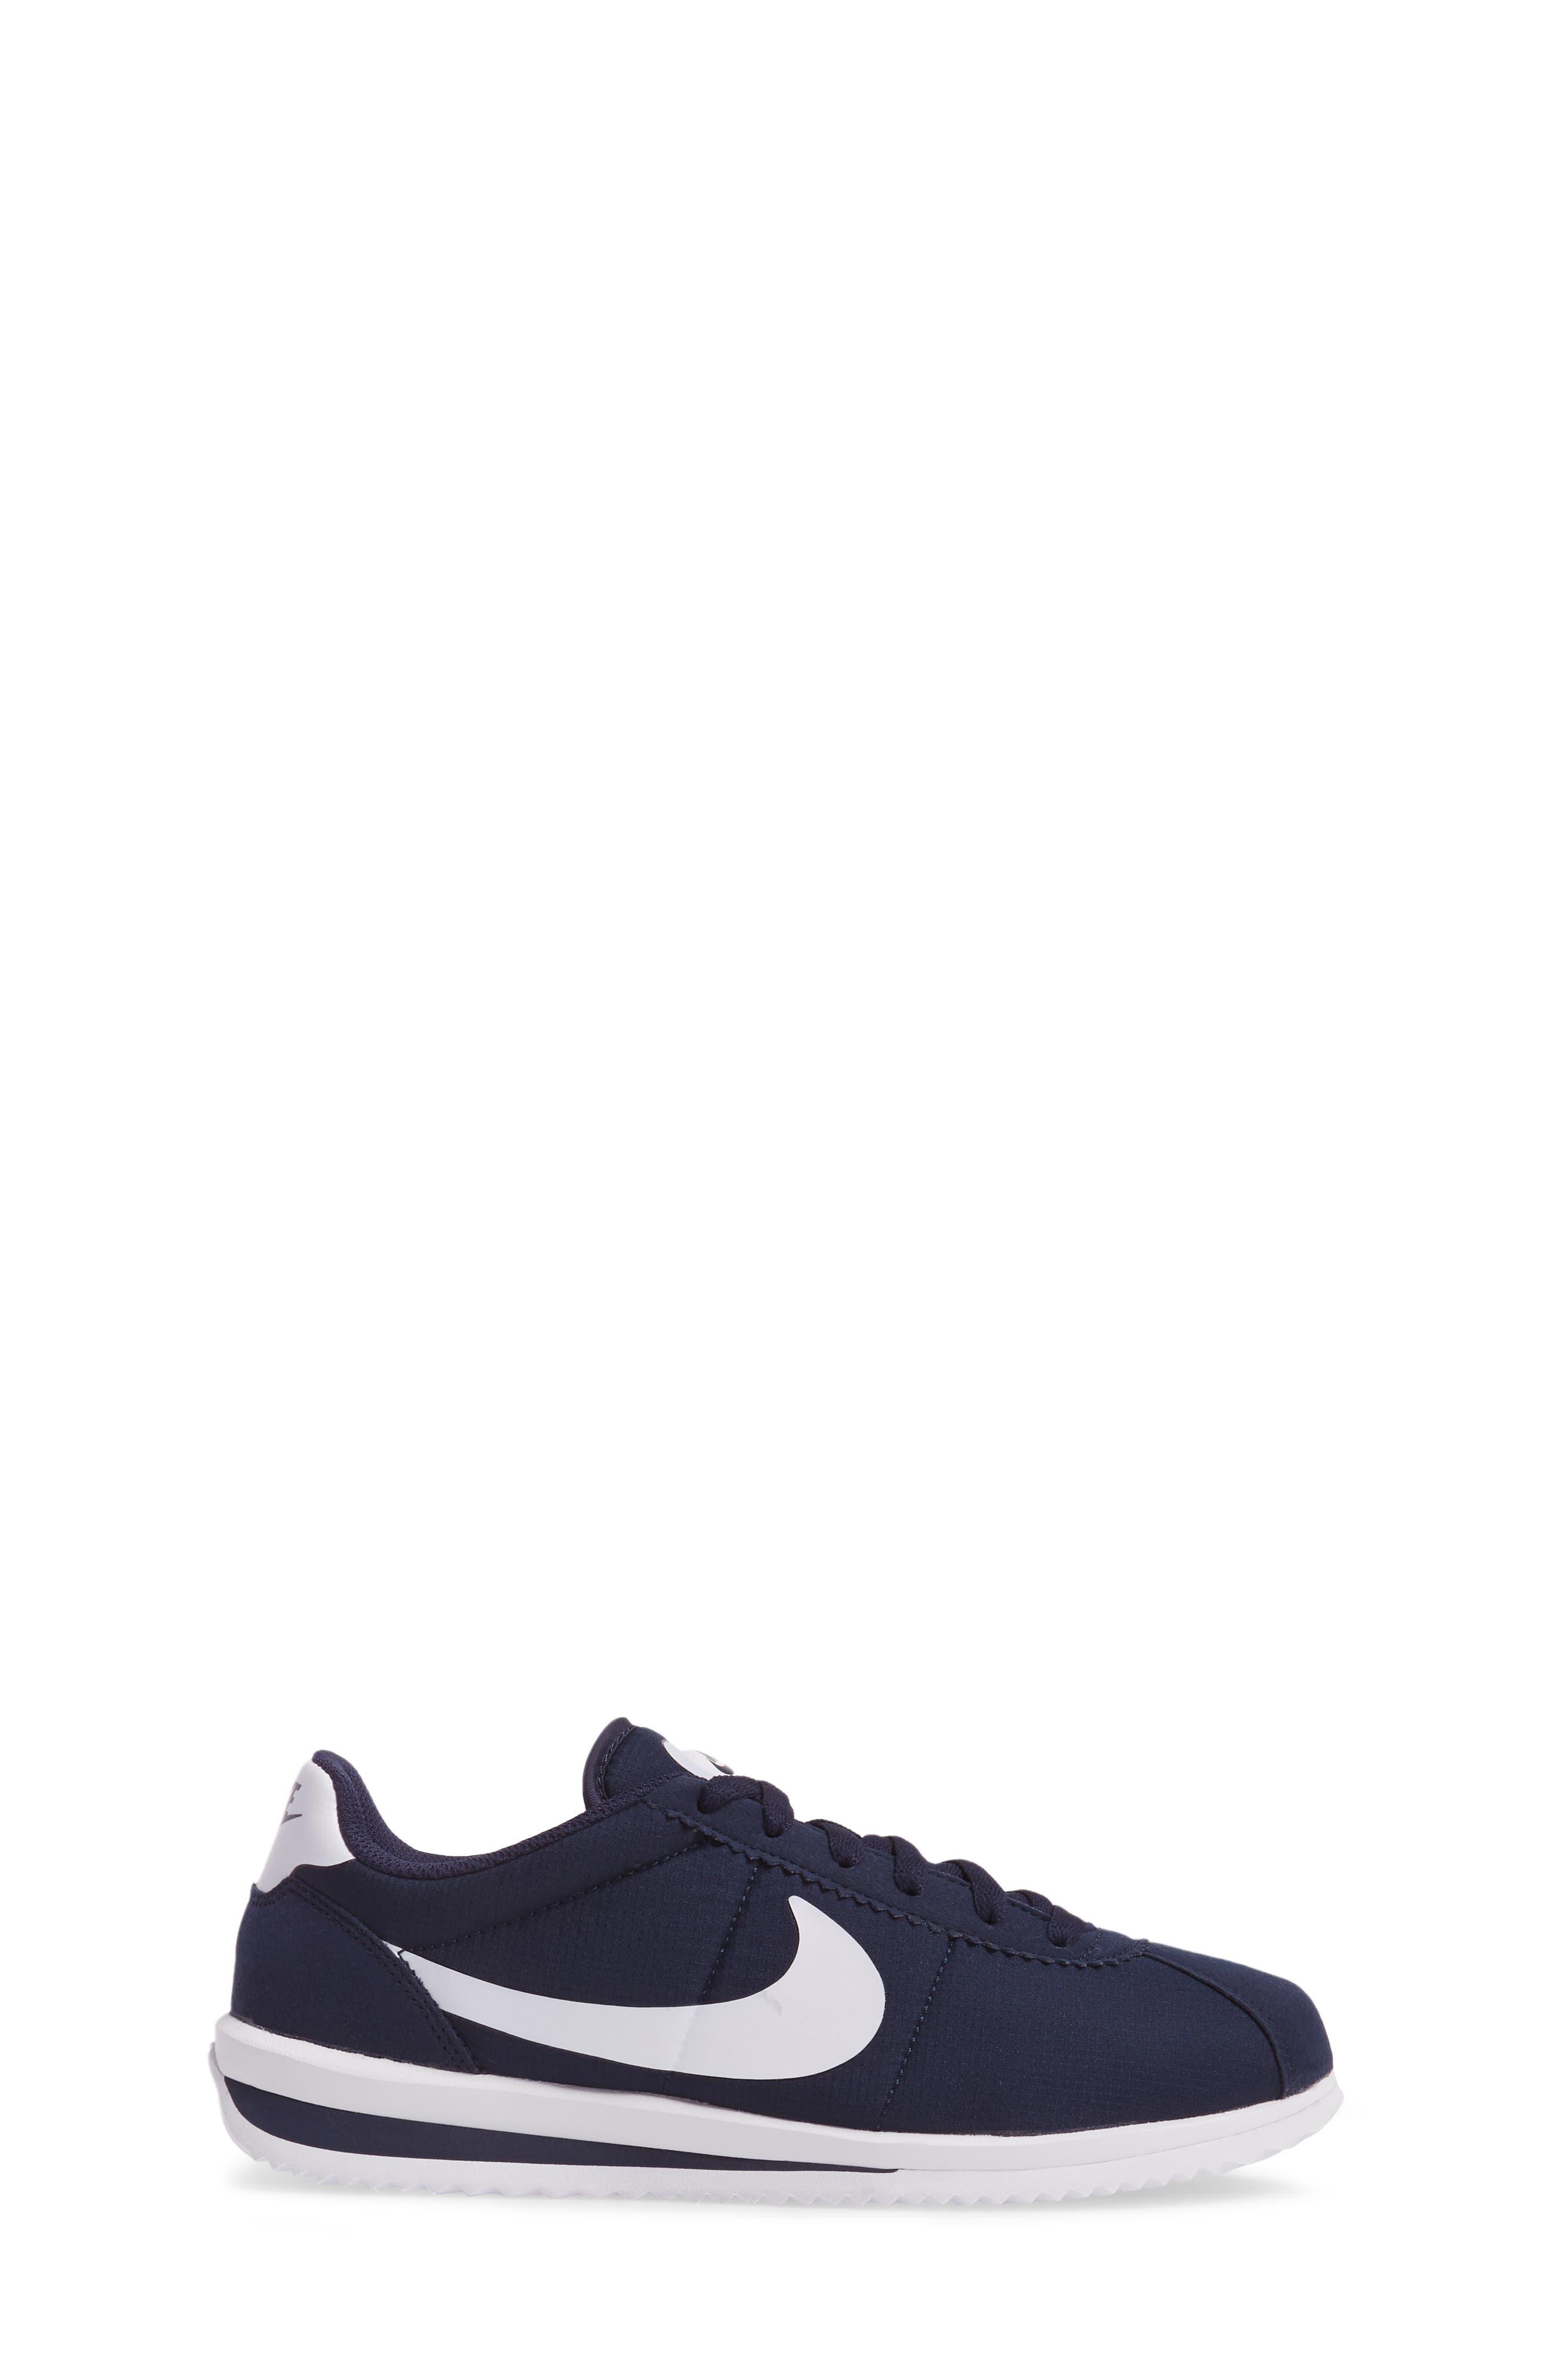 Cortez Sneaker,                             Alternate thumbnail 3, color,                             002